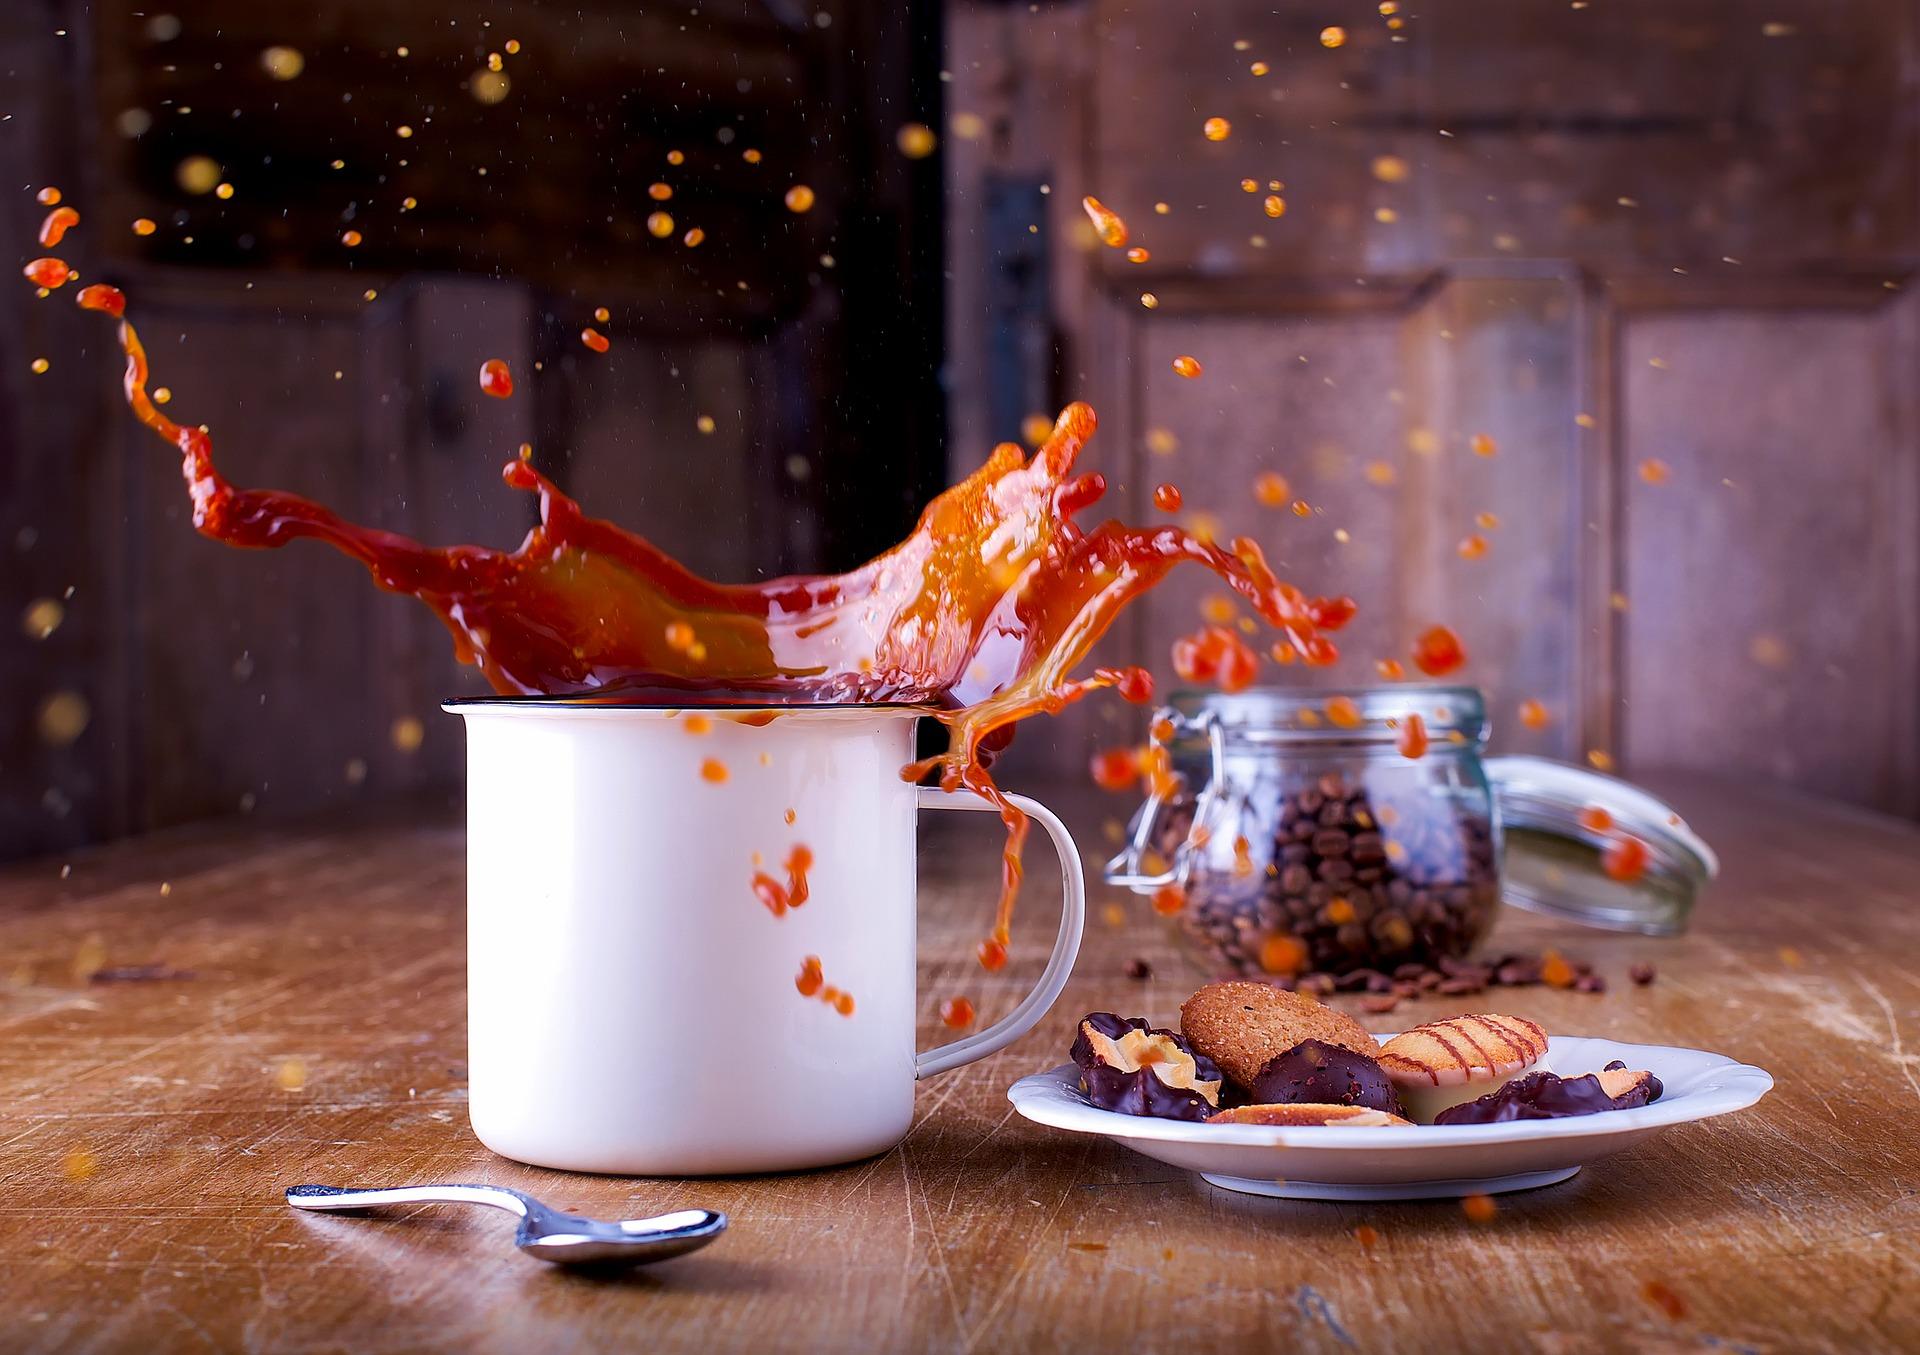 10 sposobów na zdrowy porządek w kuchni